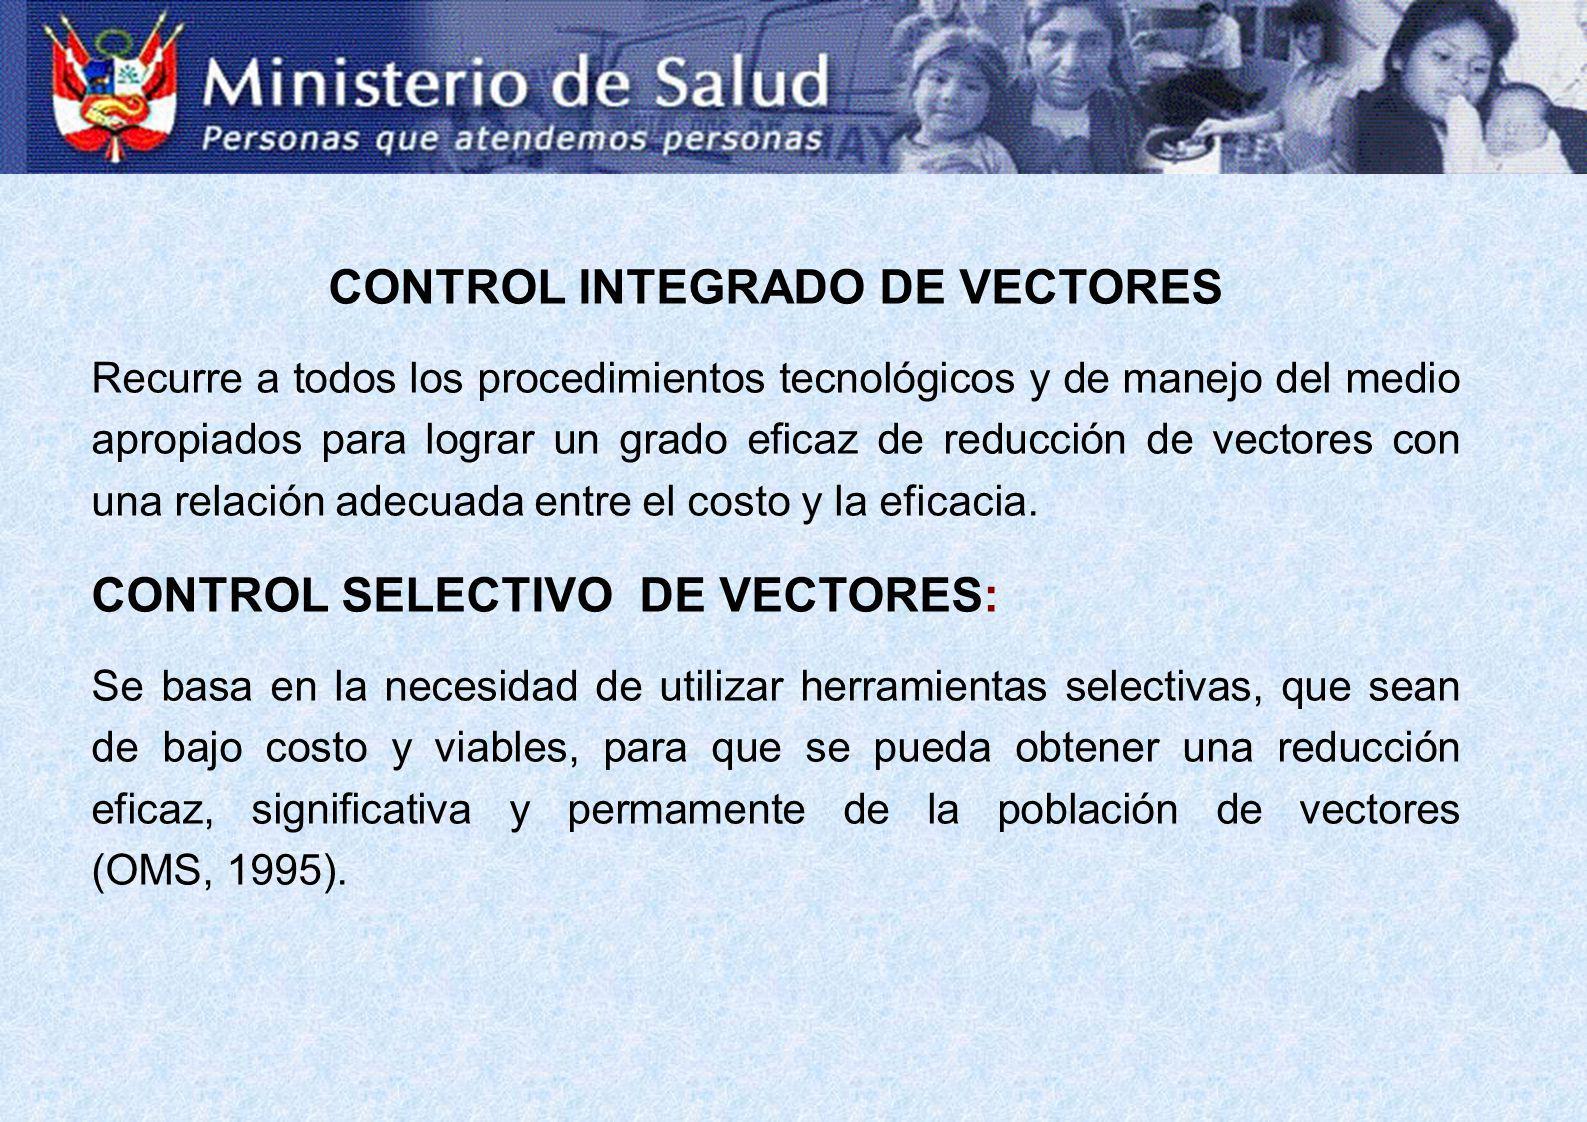 CONTROL INTEGRADO DE VECTORES Recurre a todos los procedimientos tecnológicos y de manejo del medio apropiados para lograr un grado eficaz de reducción de vectores con una relación adecuada entre el costo y la eficacia.